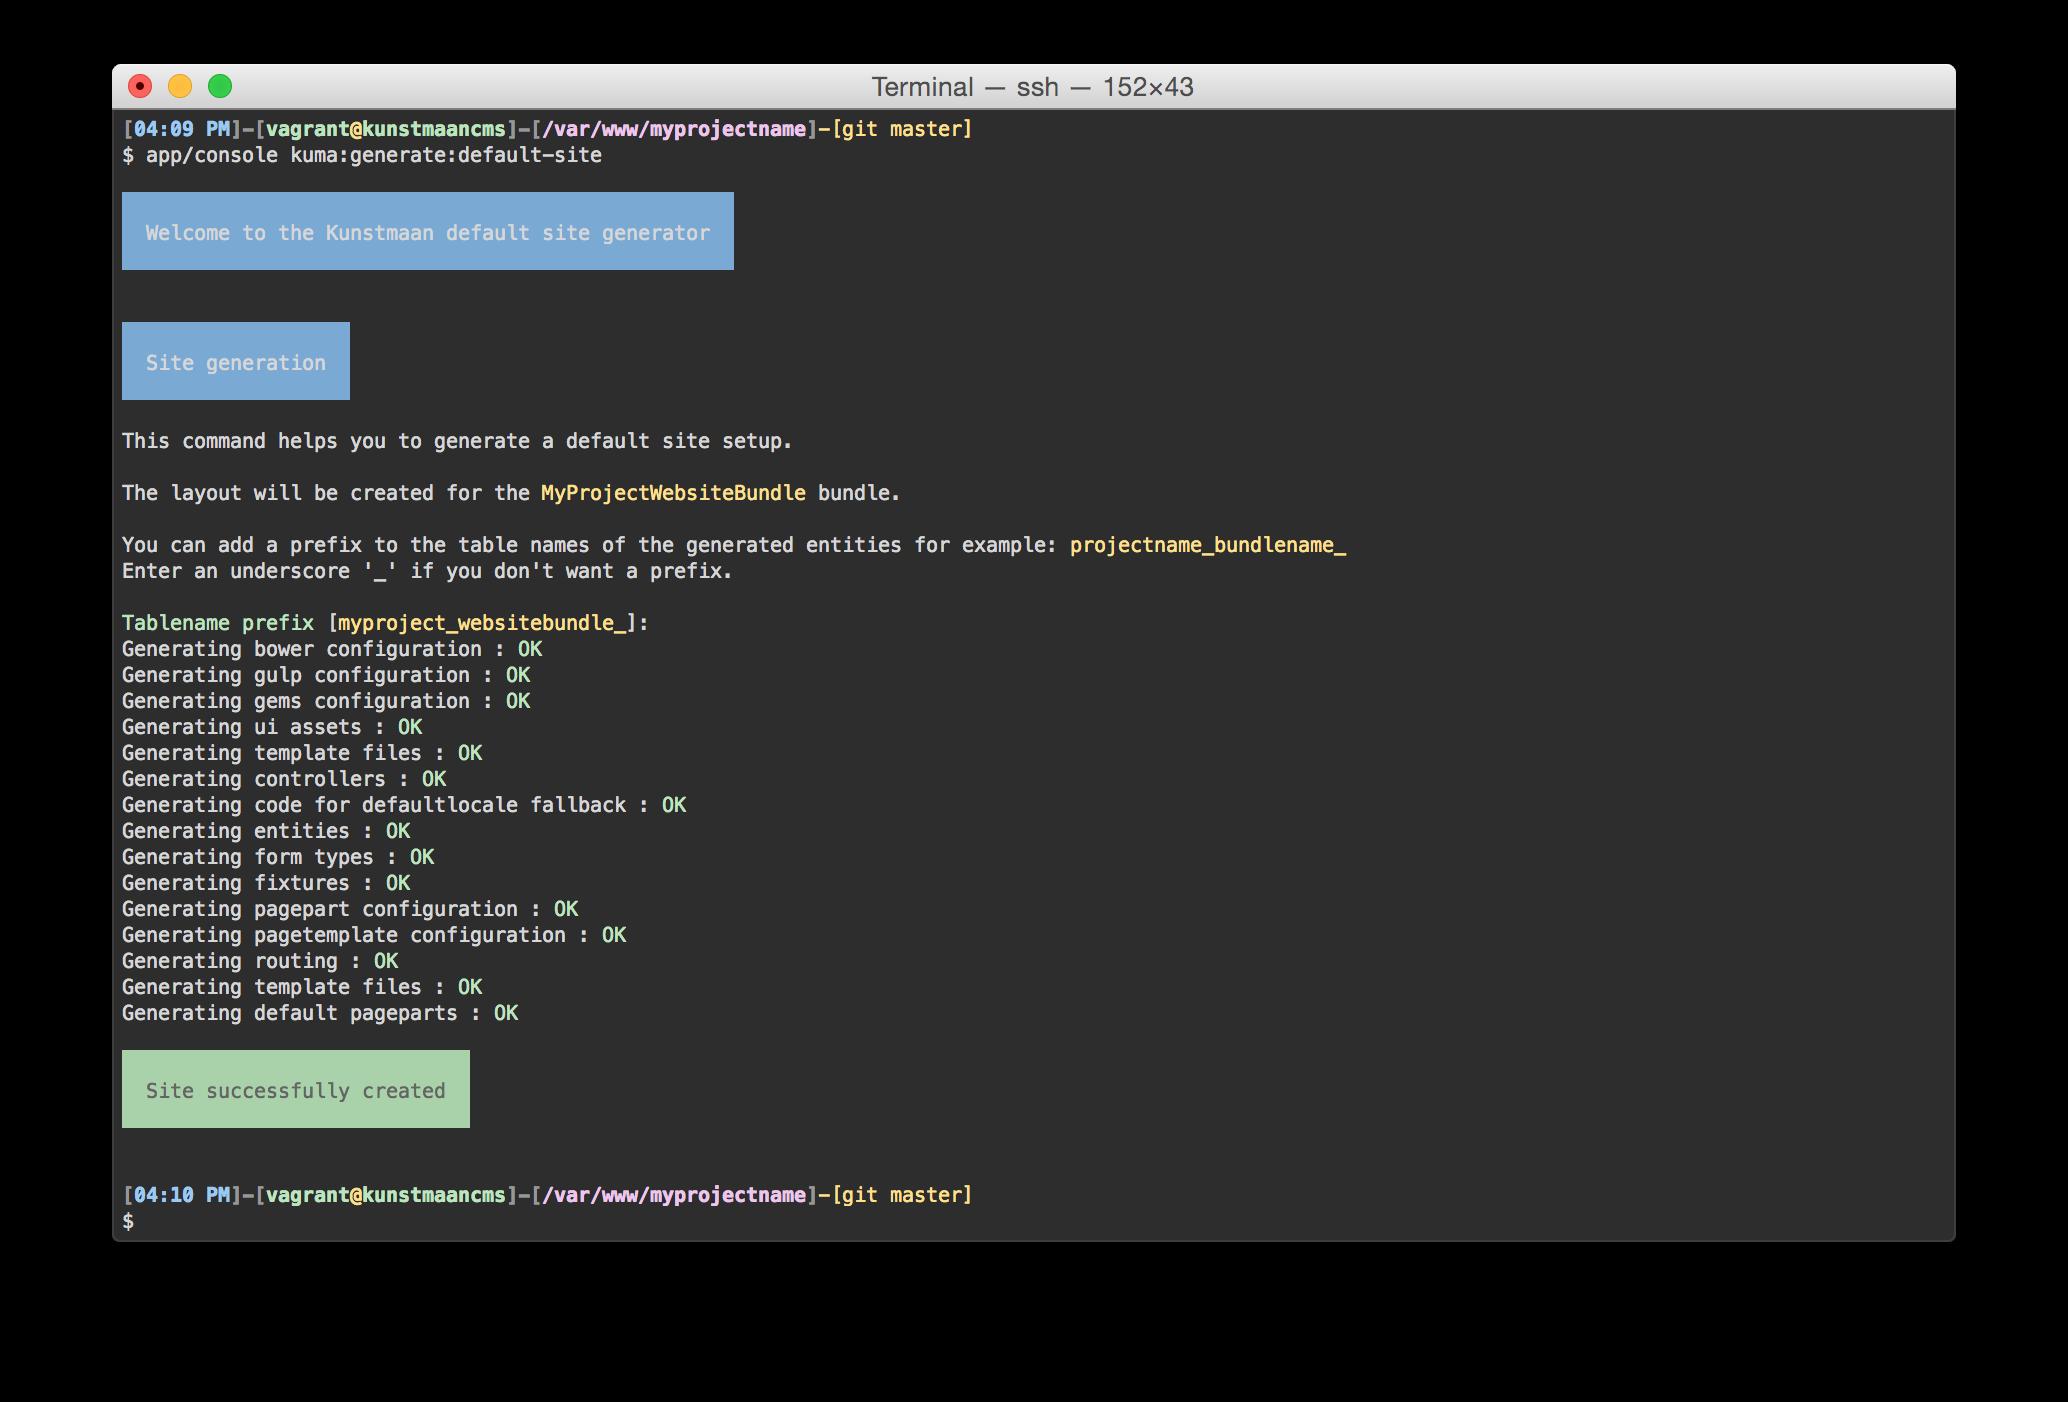 app/console kuma:generate:default-site